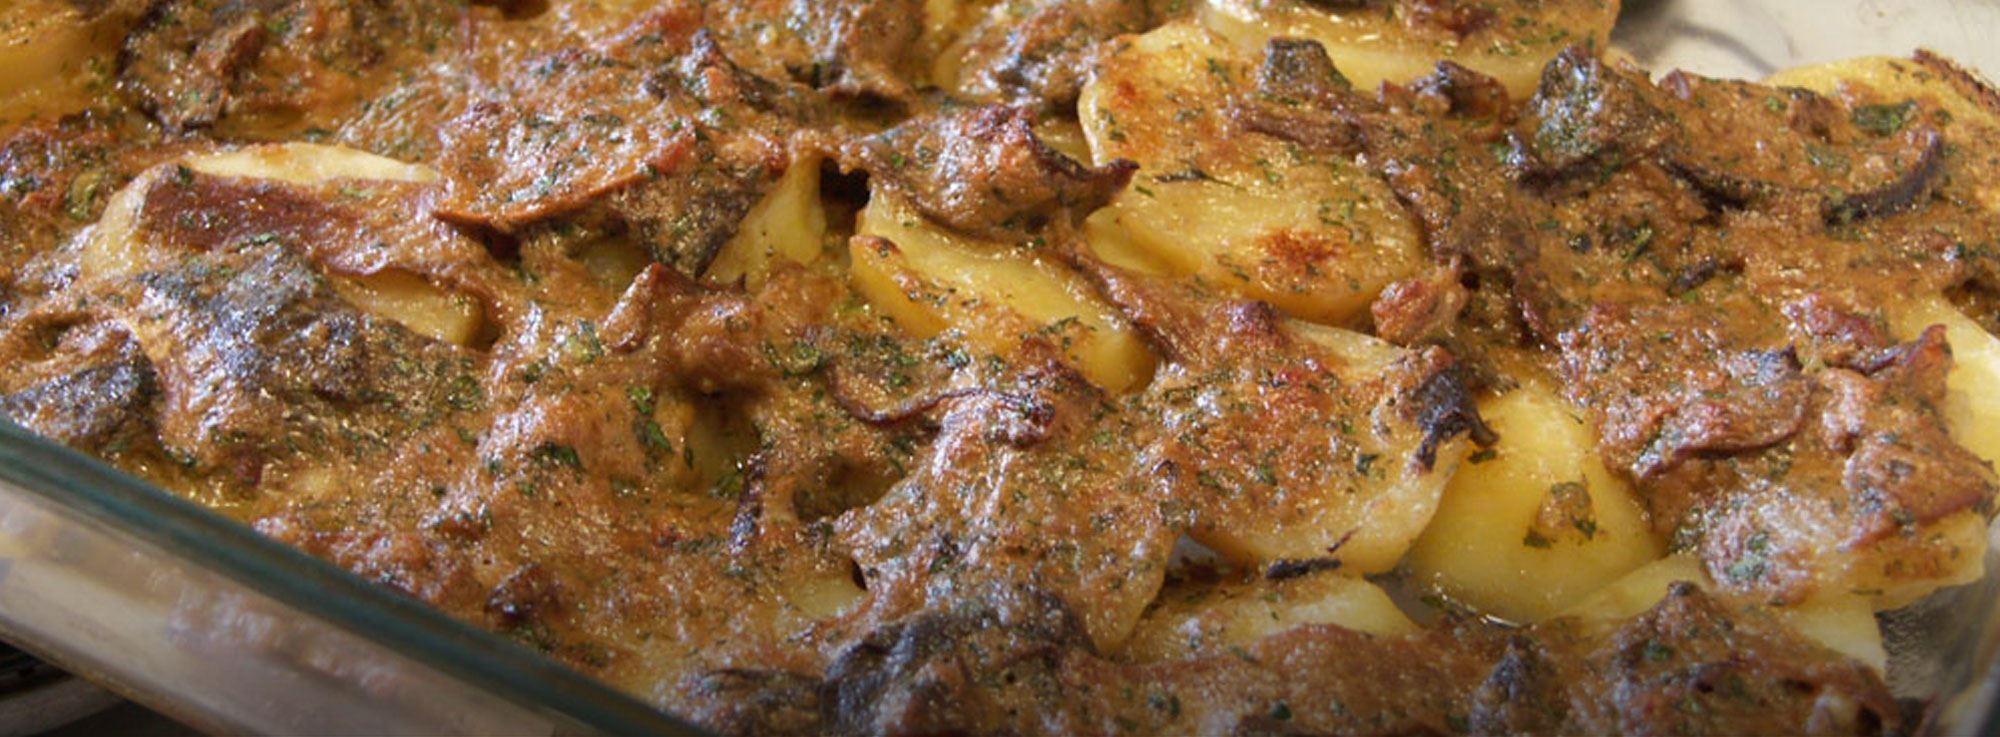 Ricetta: Patate e funghi al forno